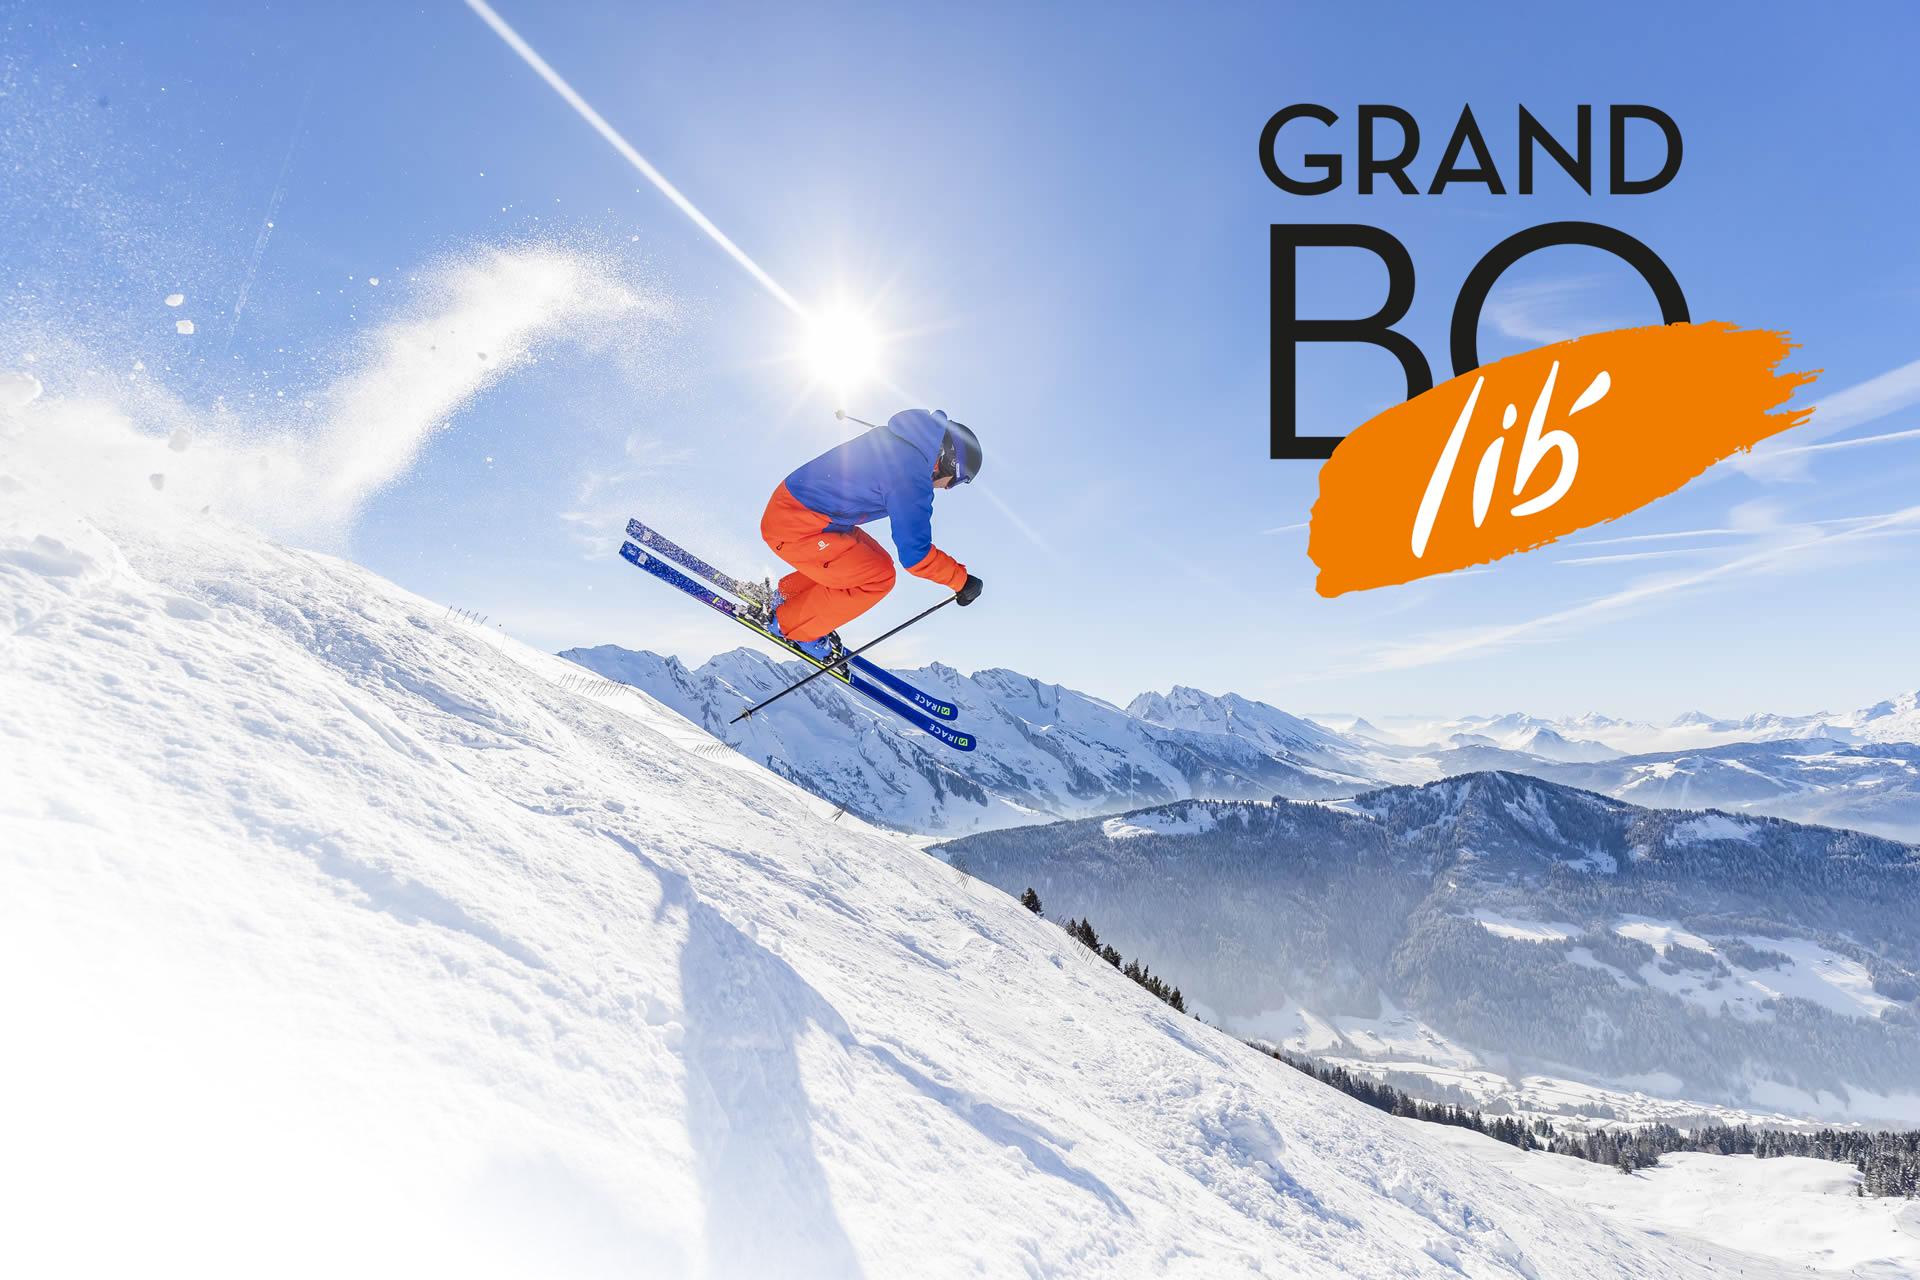 grandbo-lib-202667